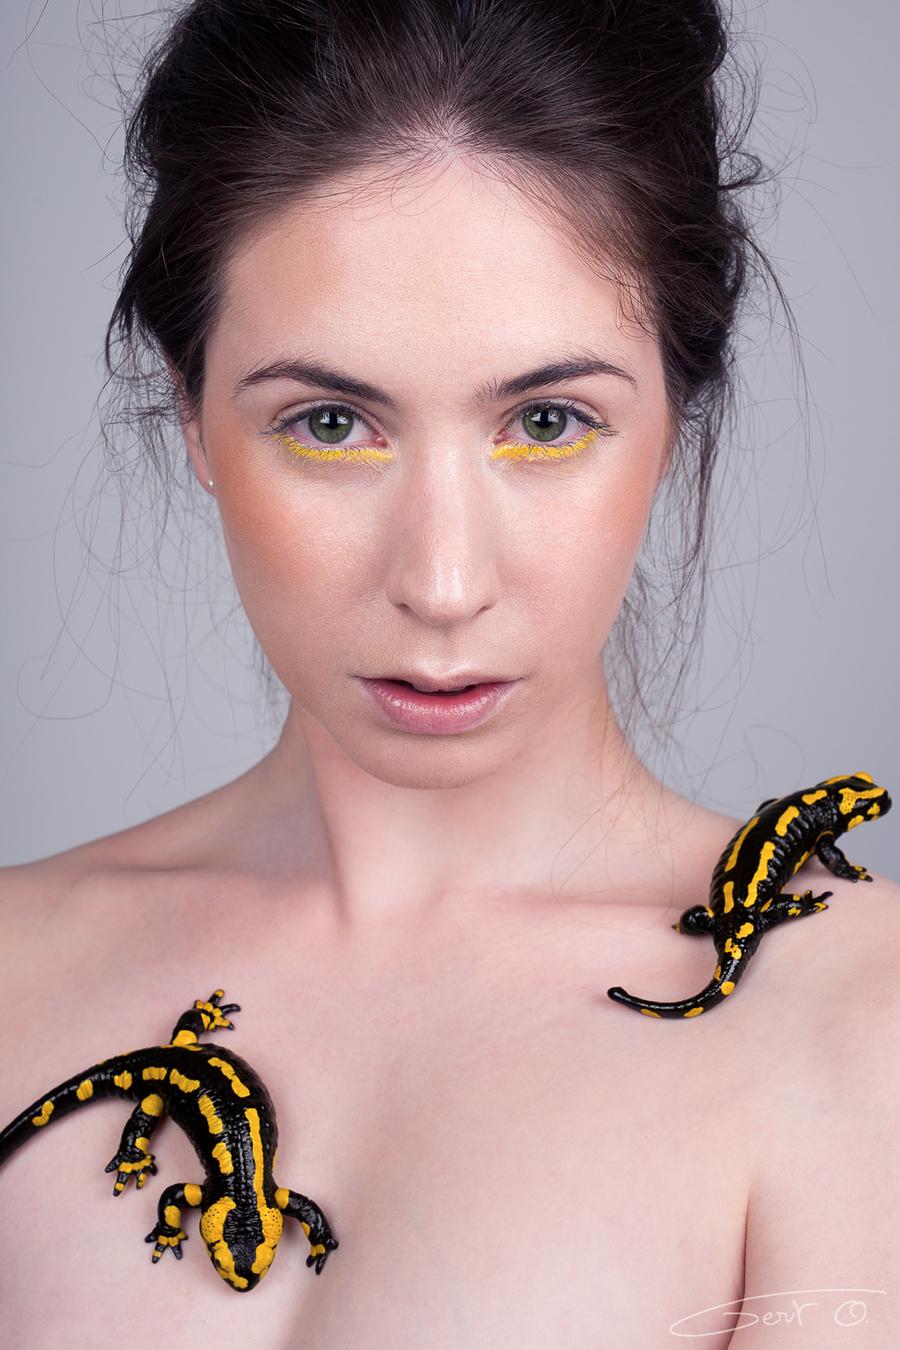 firesalamander 2 / Model Elle Beth, Assisted by Riona Neve / Uploaded 21st August 2018 @ 10:11 PM